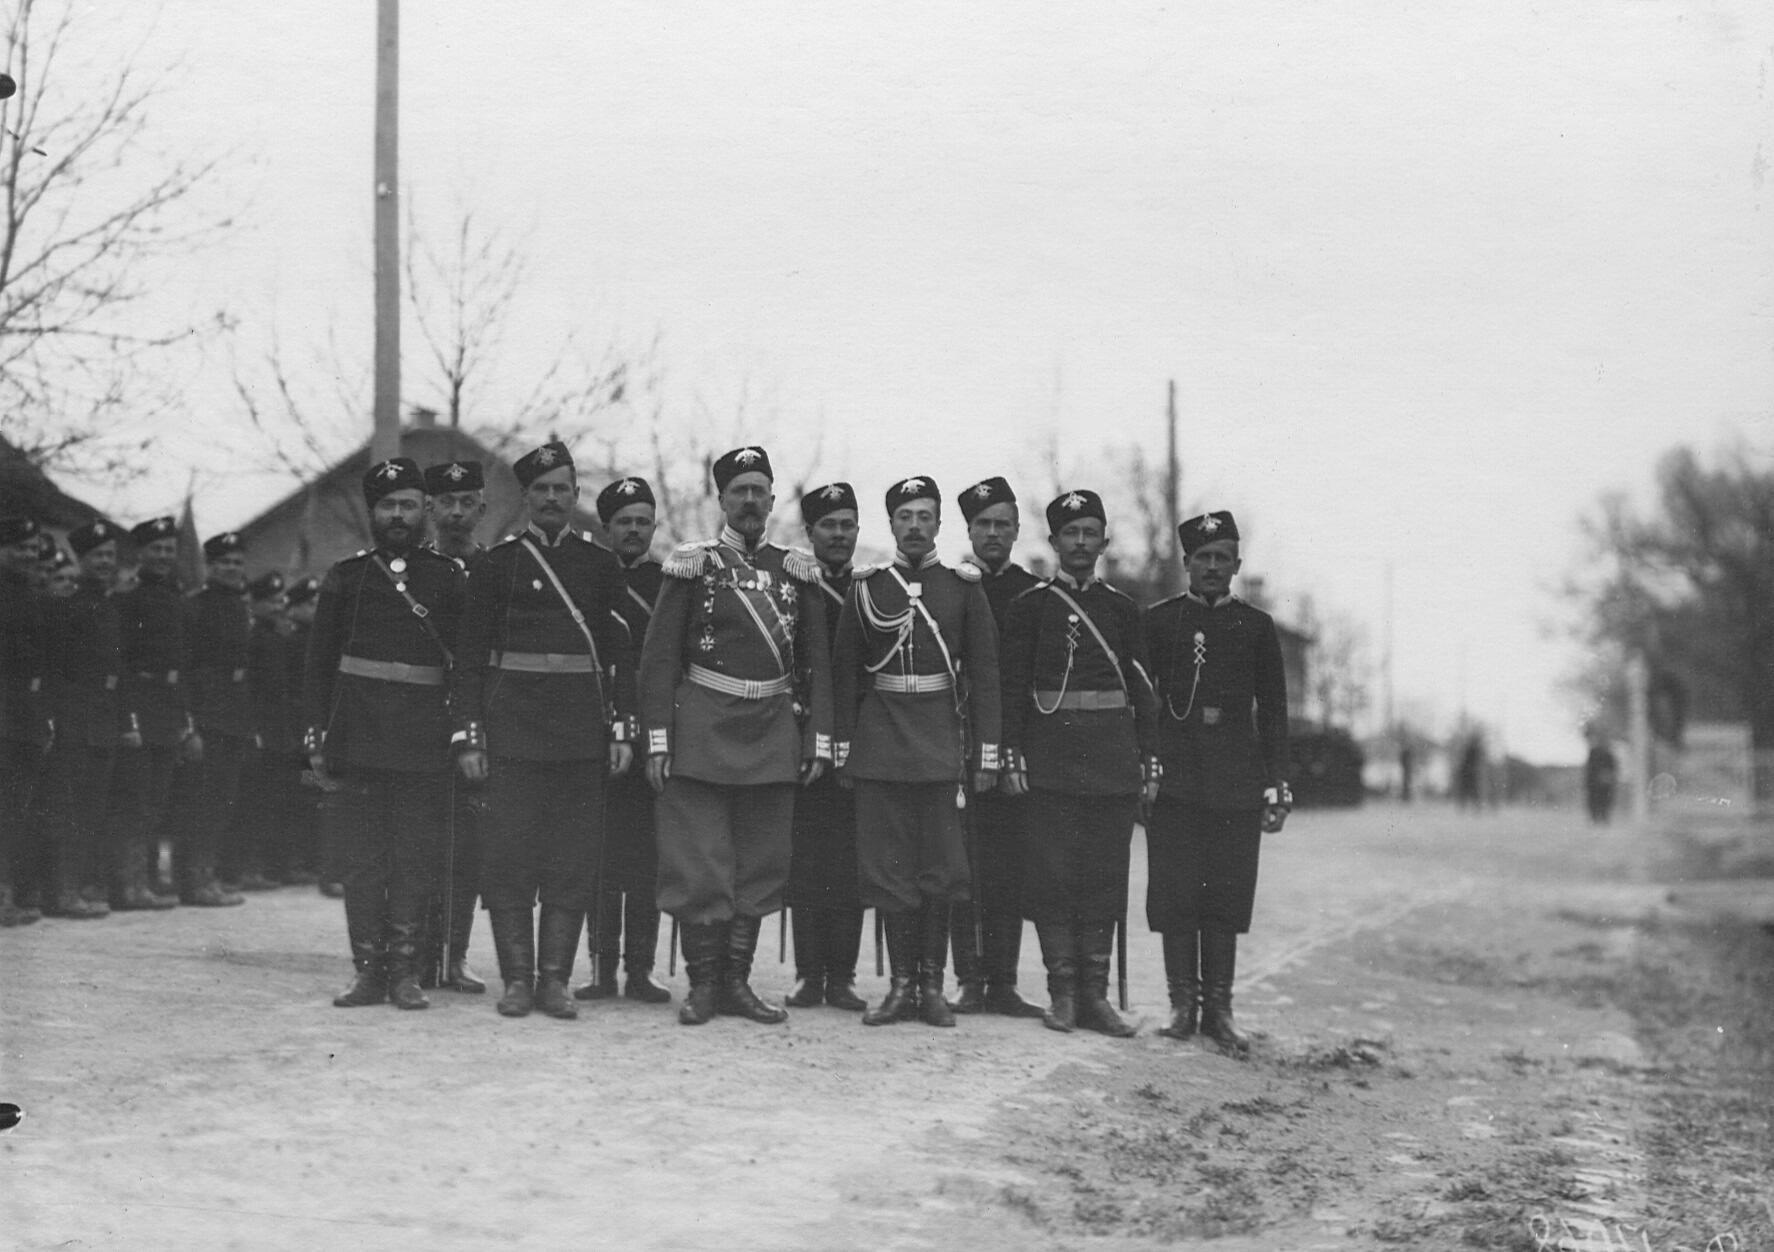 Группа солдат 2-го стрелкового Царскосельского батальона с командиром и адъютантом. 21 апреля 1905